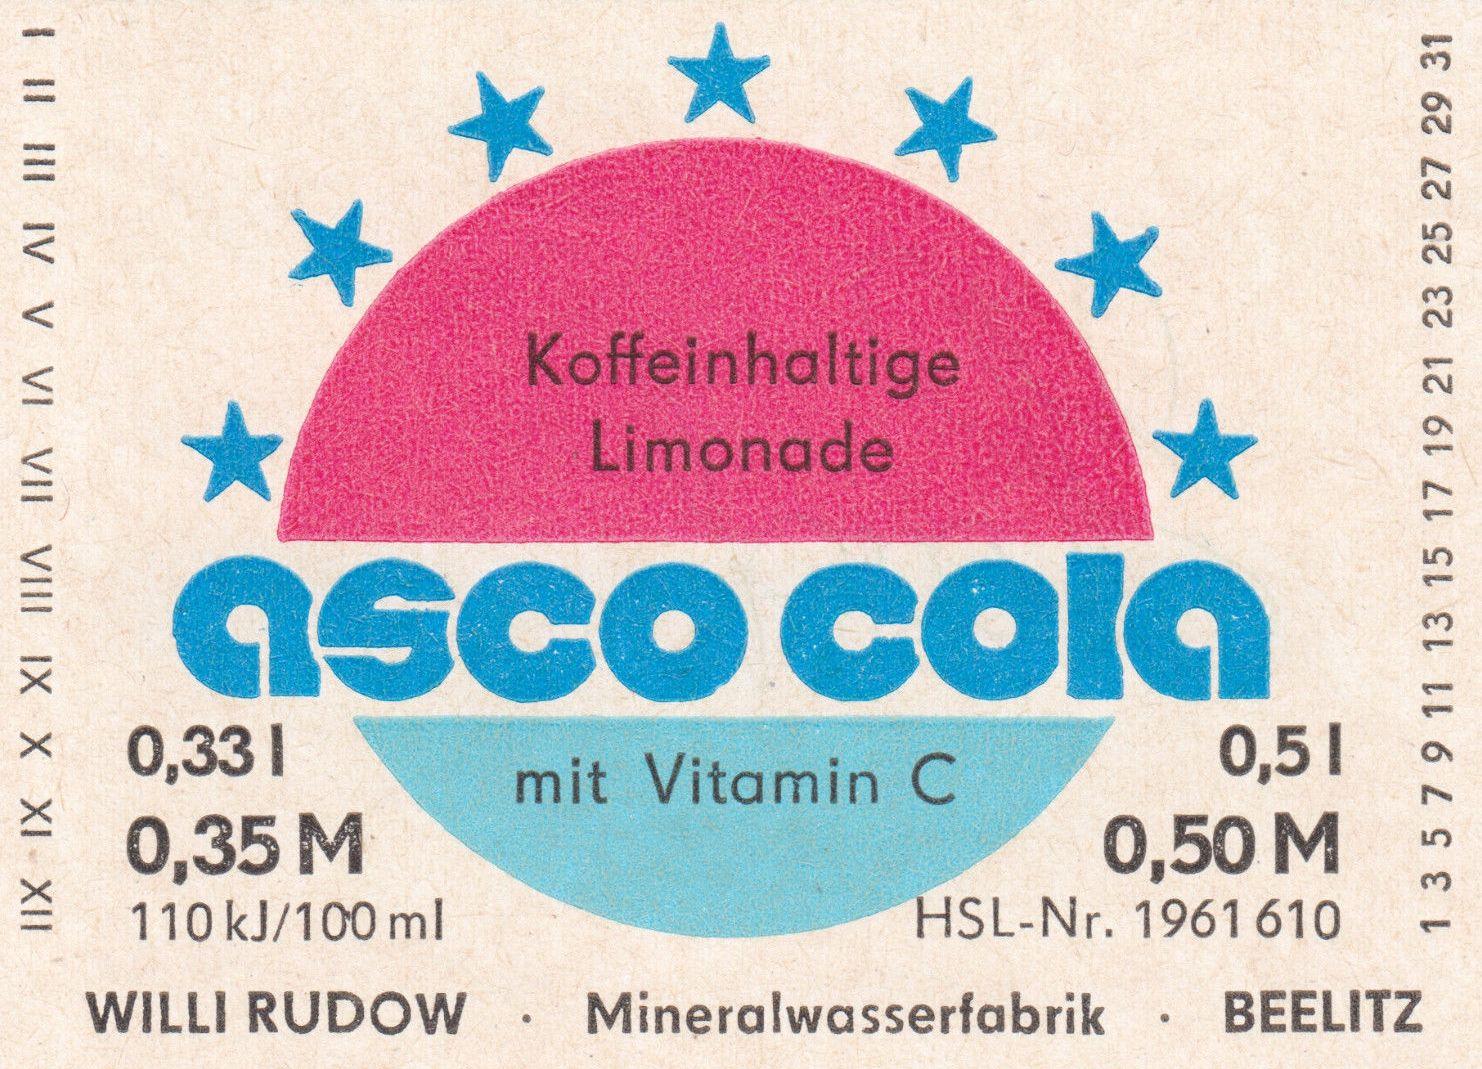 Asco Cola, Willi Rudow Mineralwasserfabrik Beelitz (Bild: historisches Etikett)